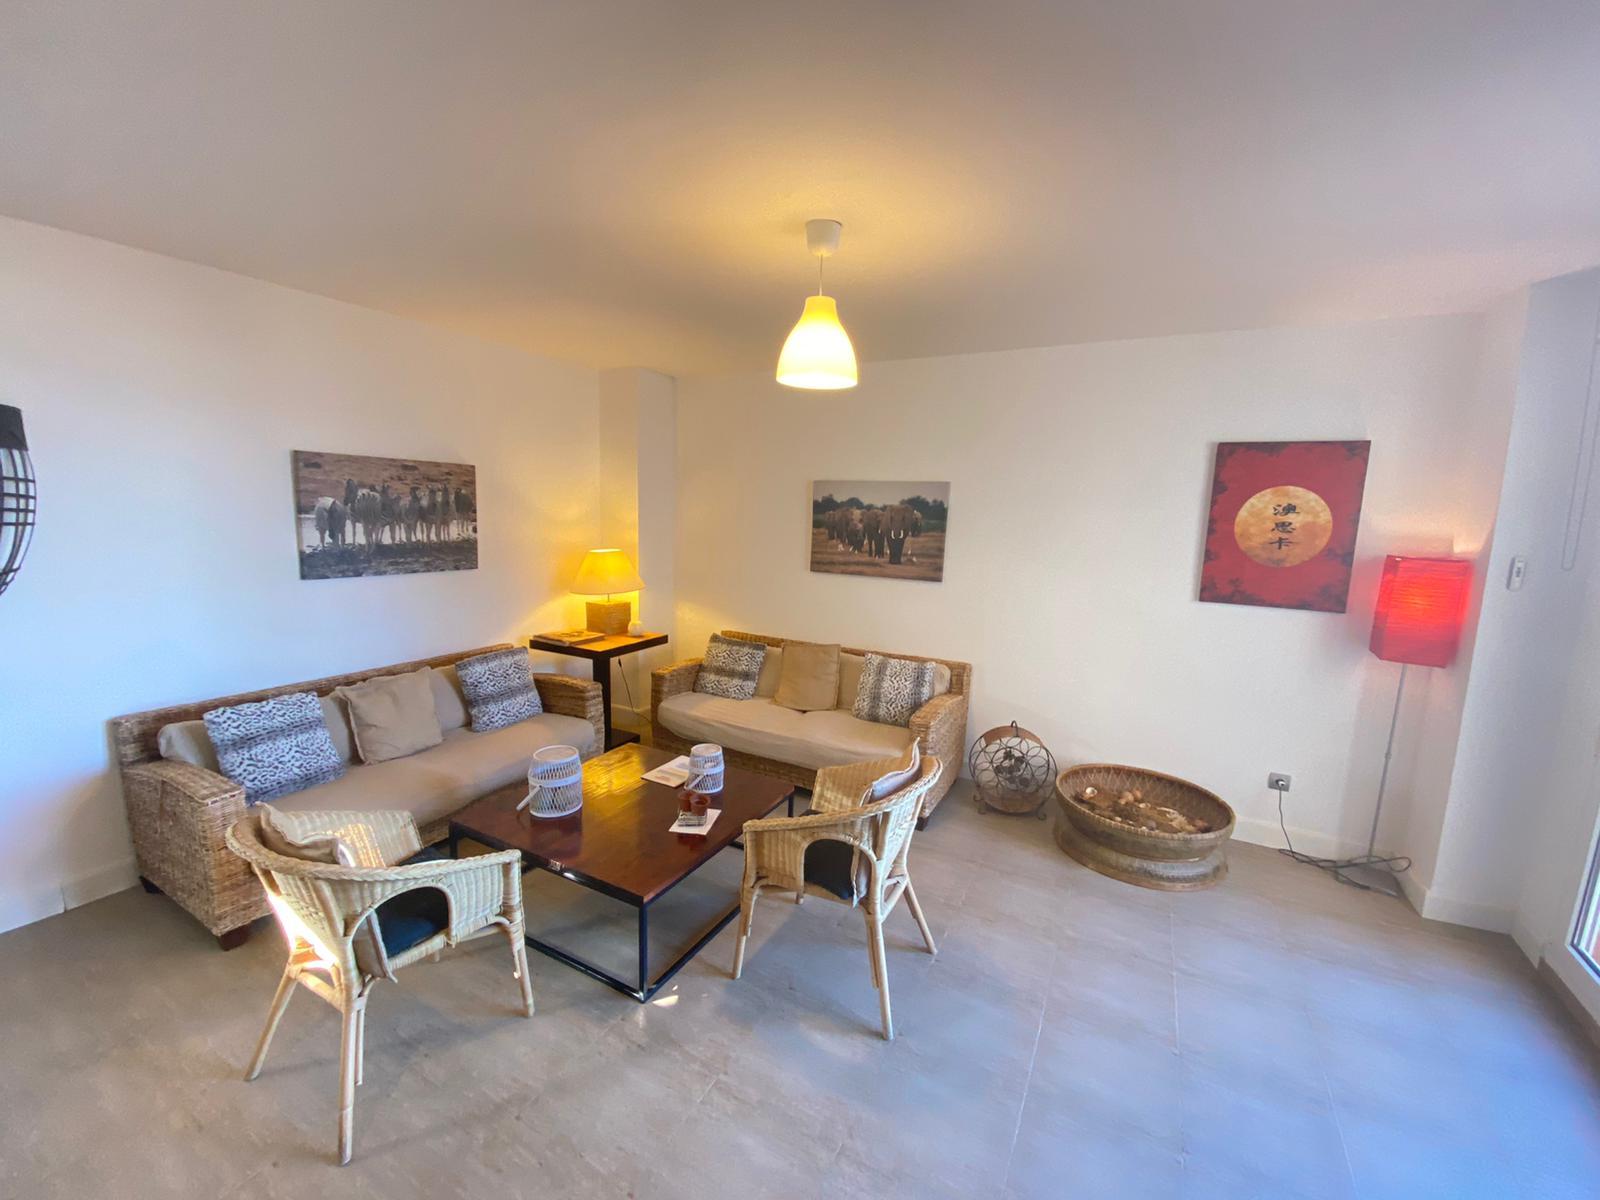 Imagen 6 del Apartamento Turístico, Ático 6 Levante (3d+2b), Punta del Moral (HUELVA), Paseo de la Cruz nº22